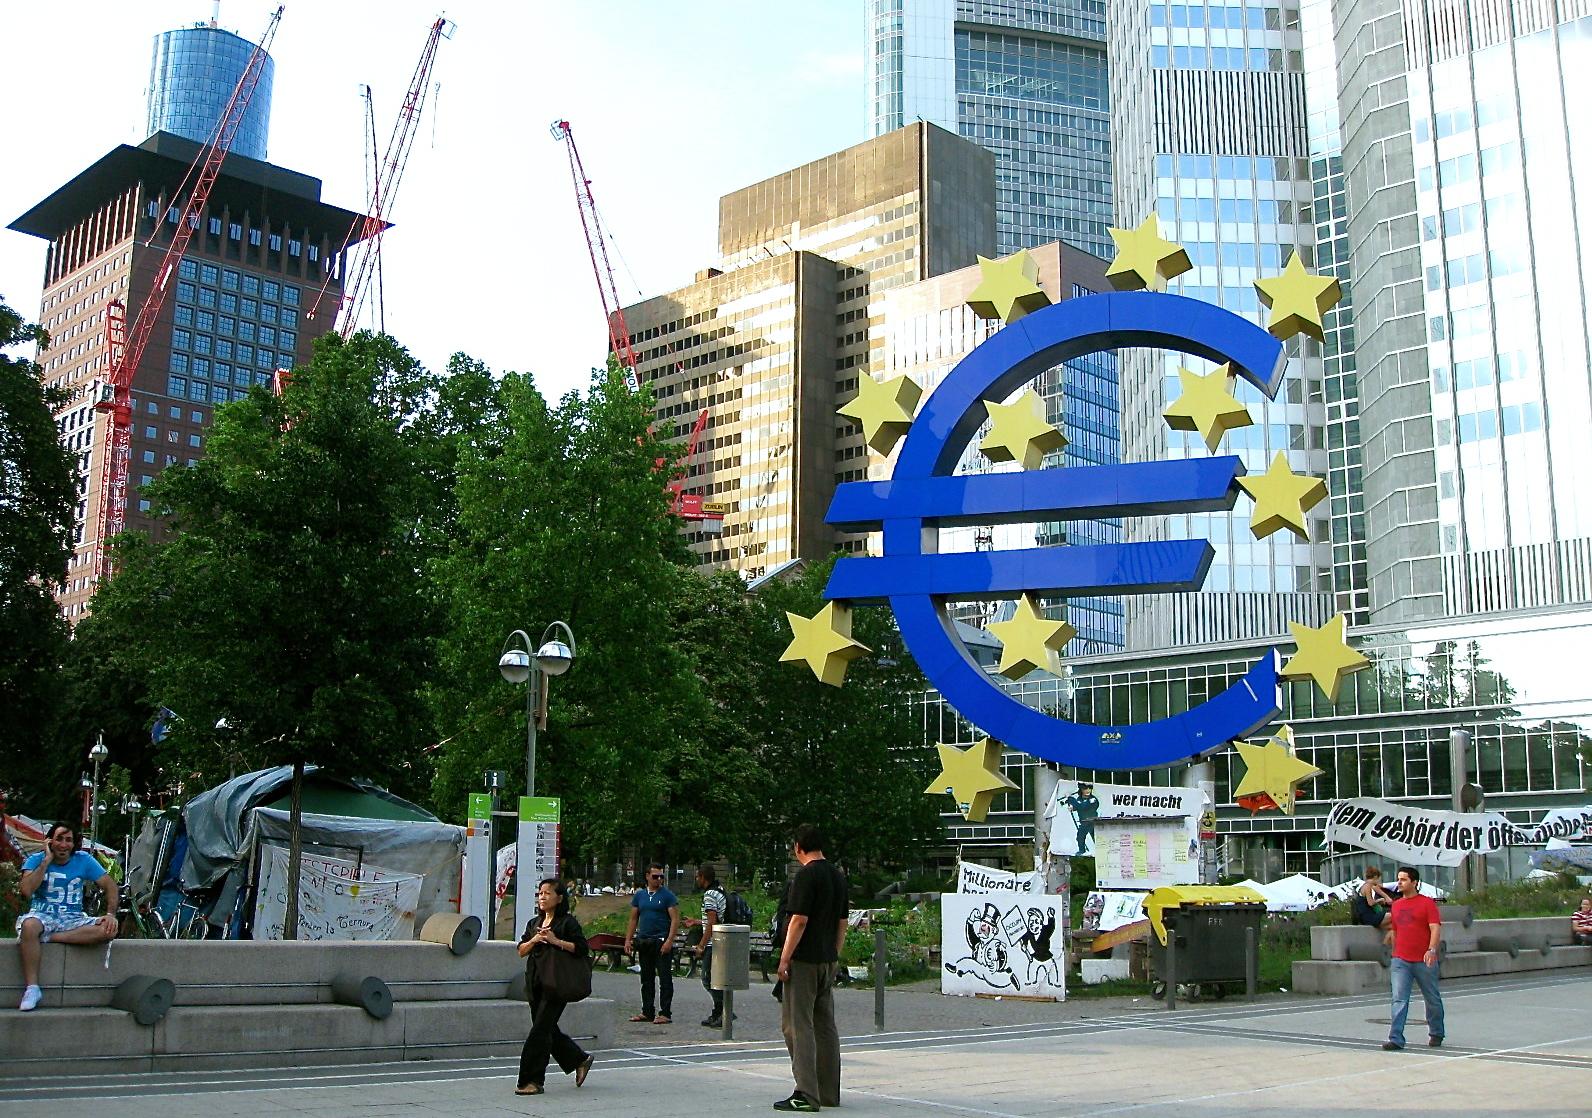 La inflación en la Eurozona a abril se situó en 0% tras mantener tasas negativas desde diciembre.